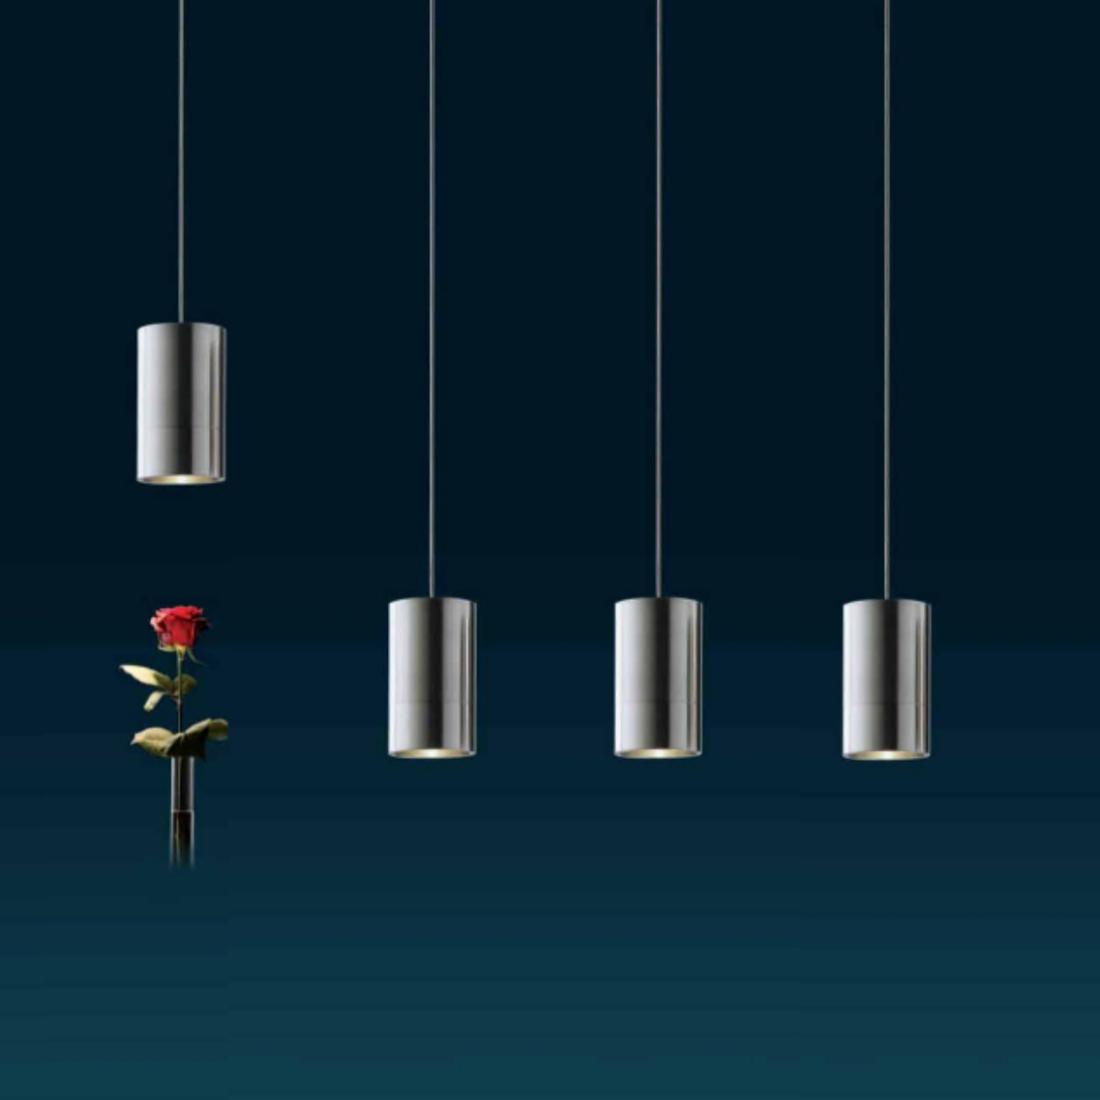 Bell Stem light by STENG LICHT ... & BELL STEM LIGHT - Ceiling-mounted spotlights from STENG LICHT ...